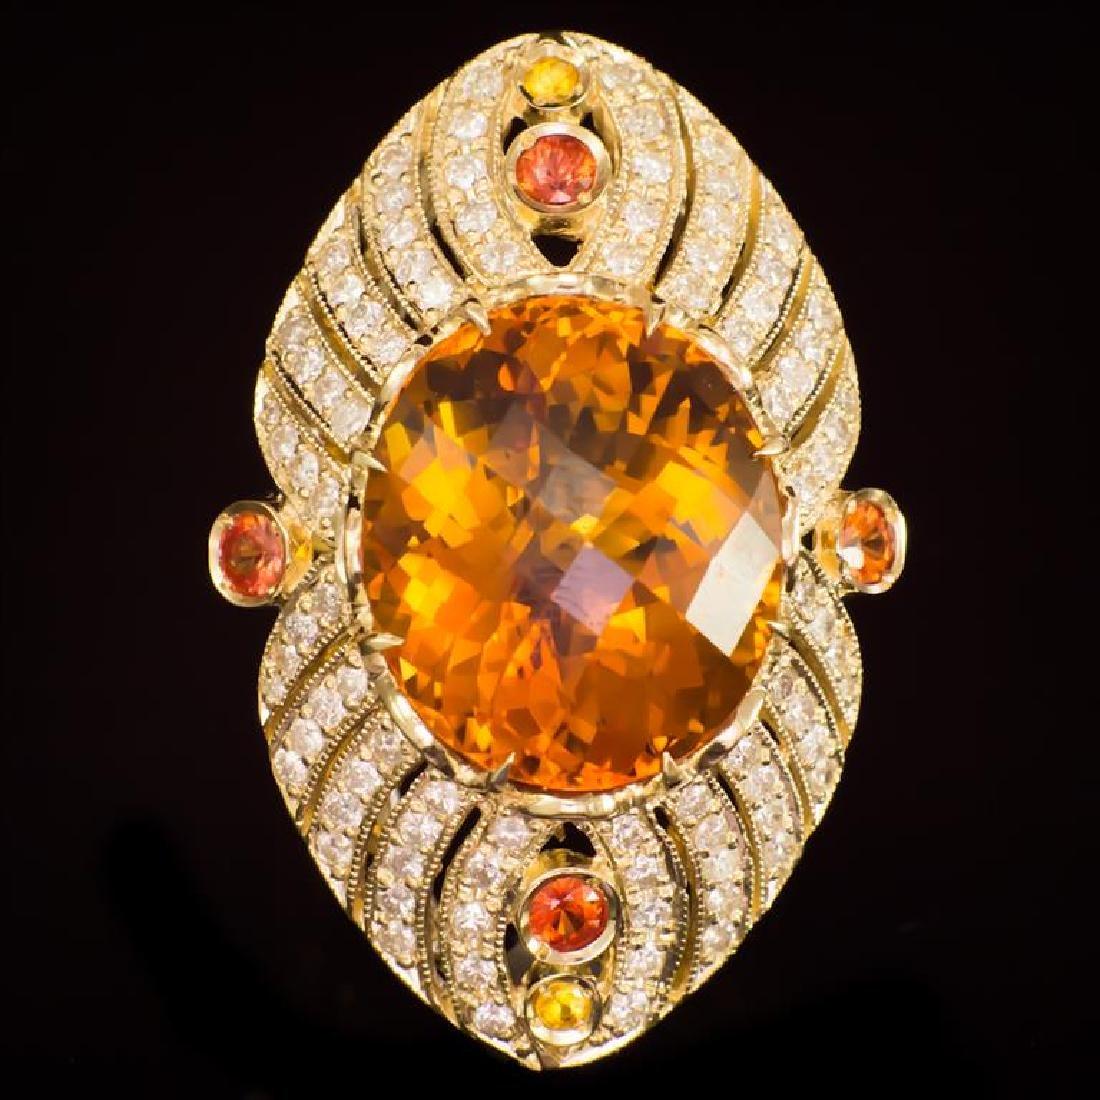 14K Gold 18.92ct Citrine, 0.75ct Fancy Color Sapphire